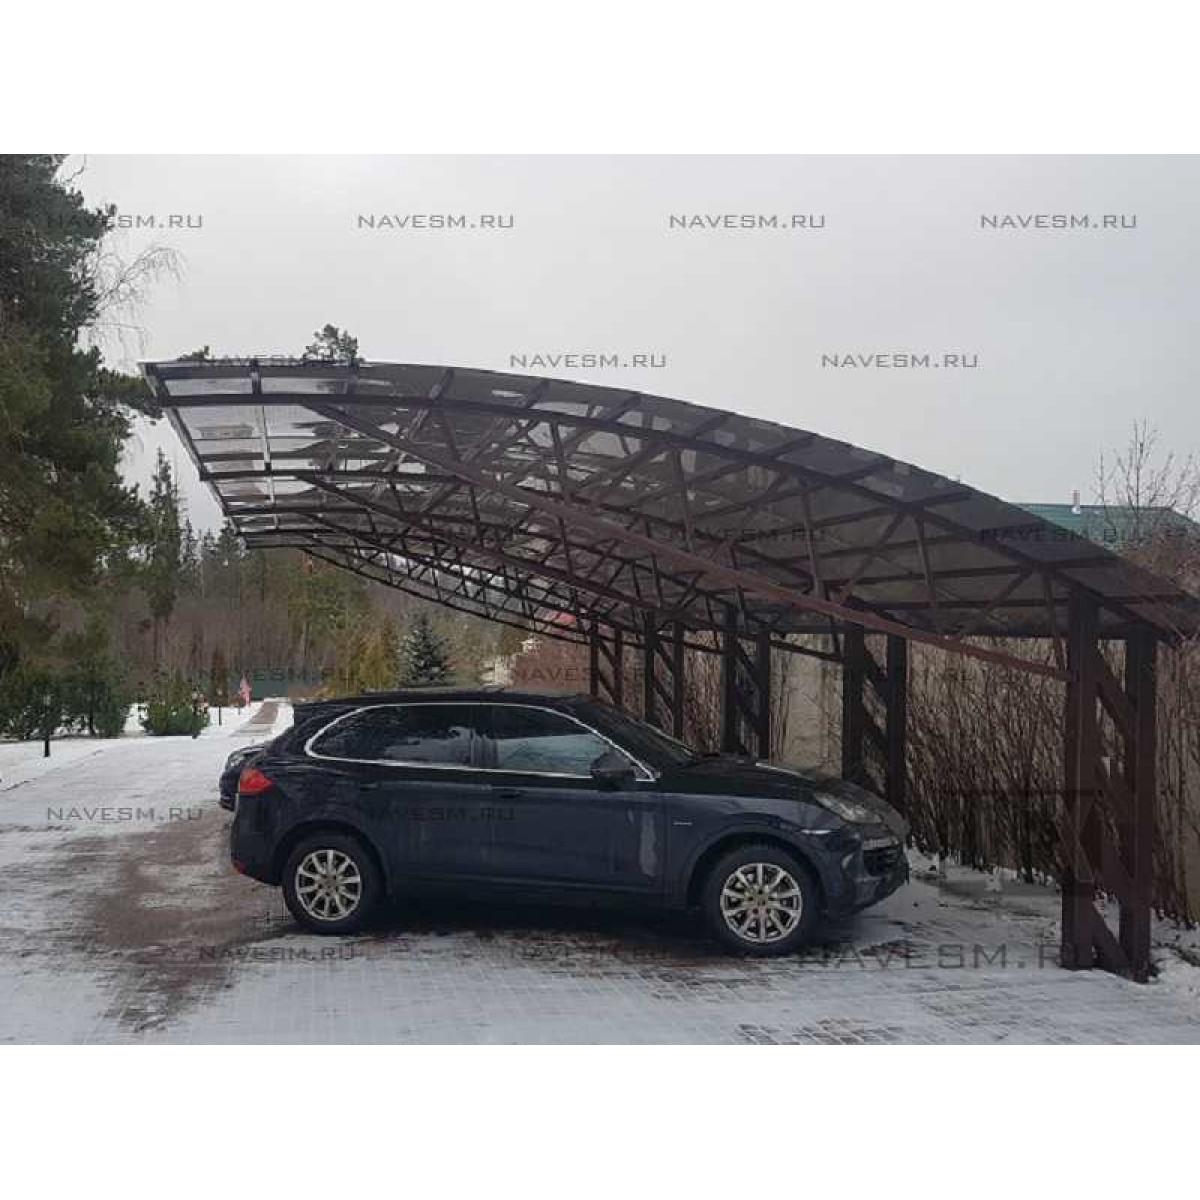 Консольный навес для автомобилей